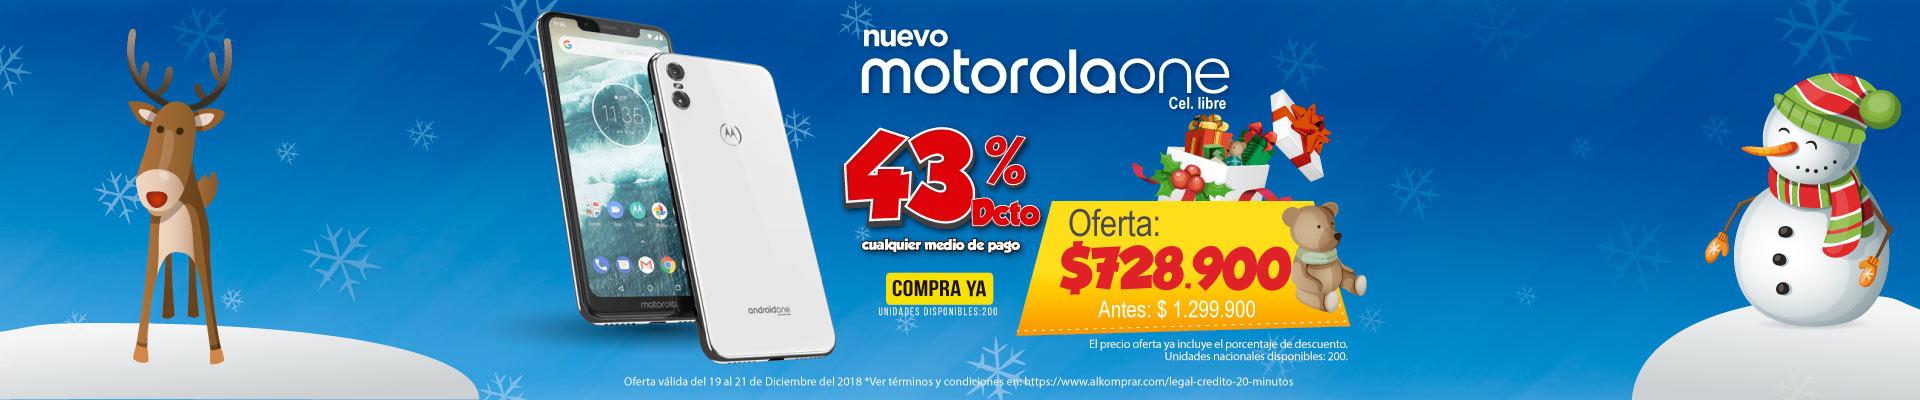 BP ALKP  Cel 4G Motorola One DS 'Ng